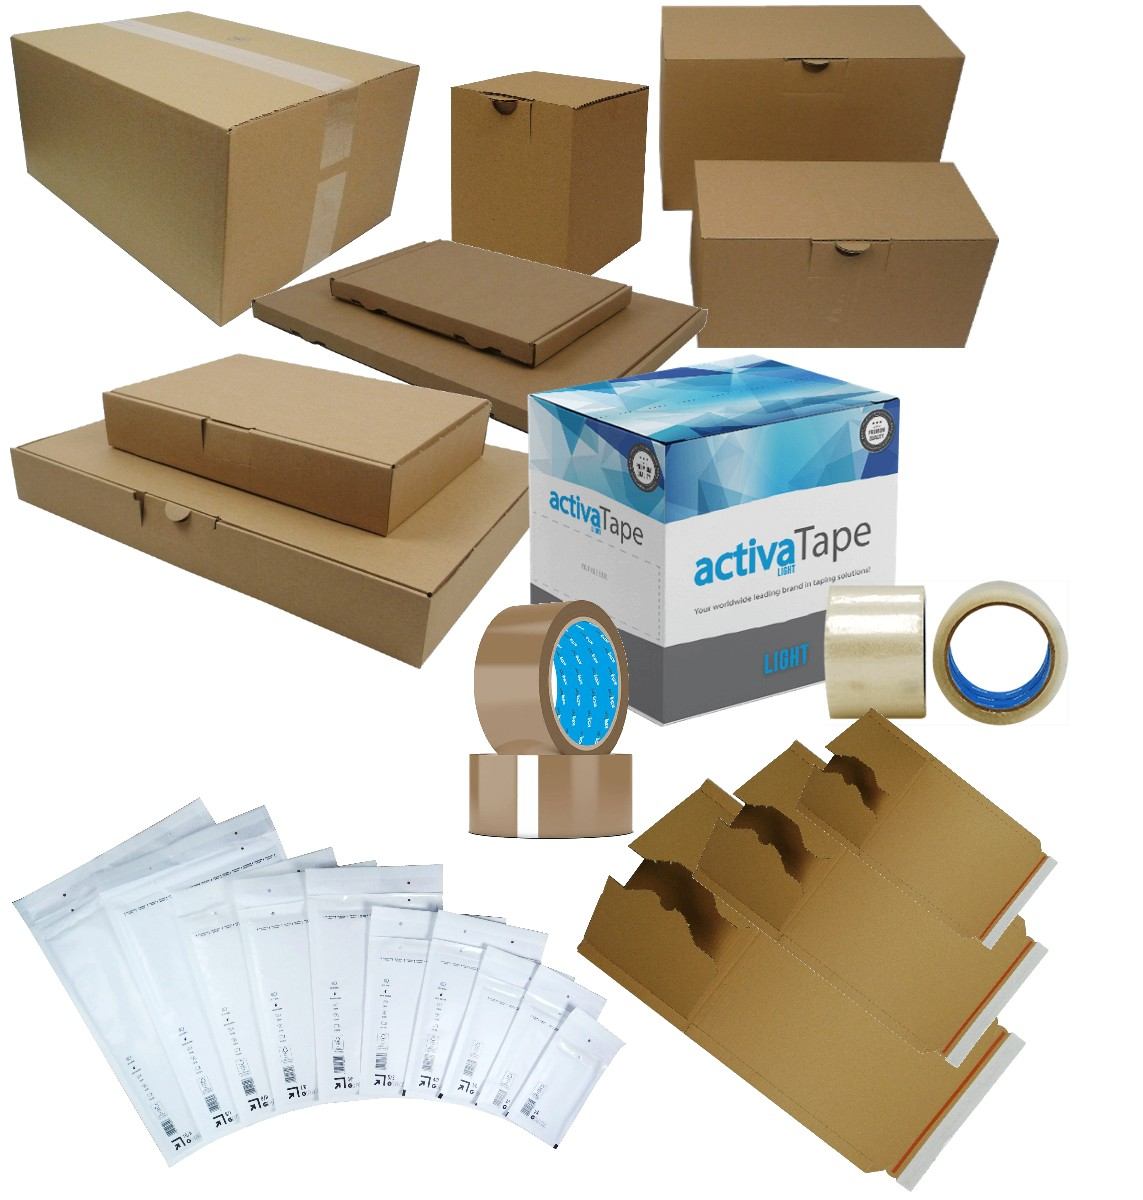 versandt te maxibrief warensendung buchverpackung luftpolsterumschlag klebeband ebay. Black Bedroom Furniture Sets. Home Design Ideas